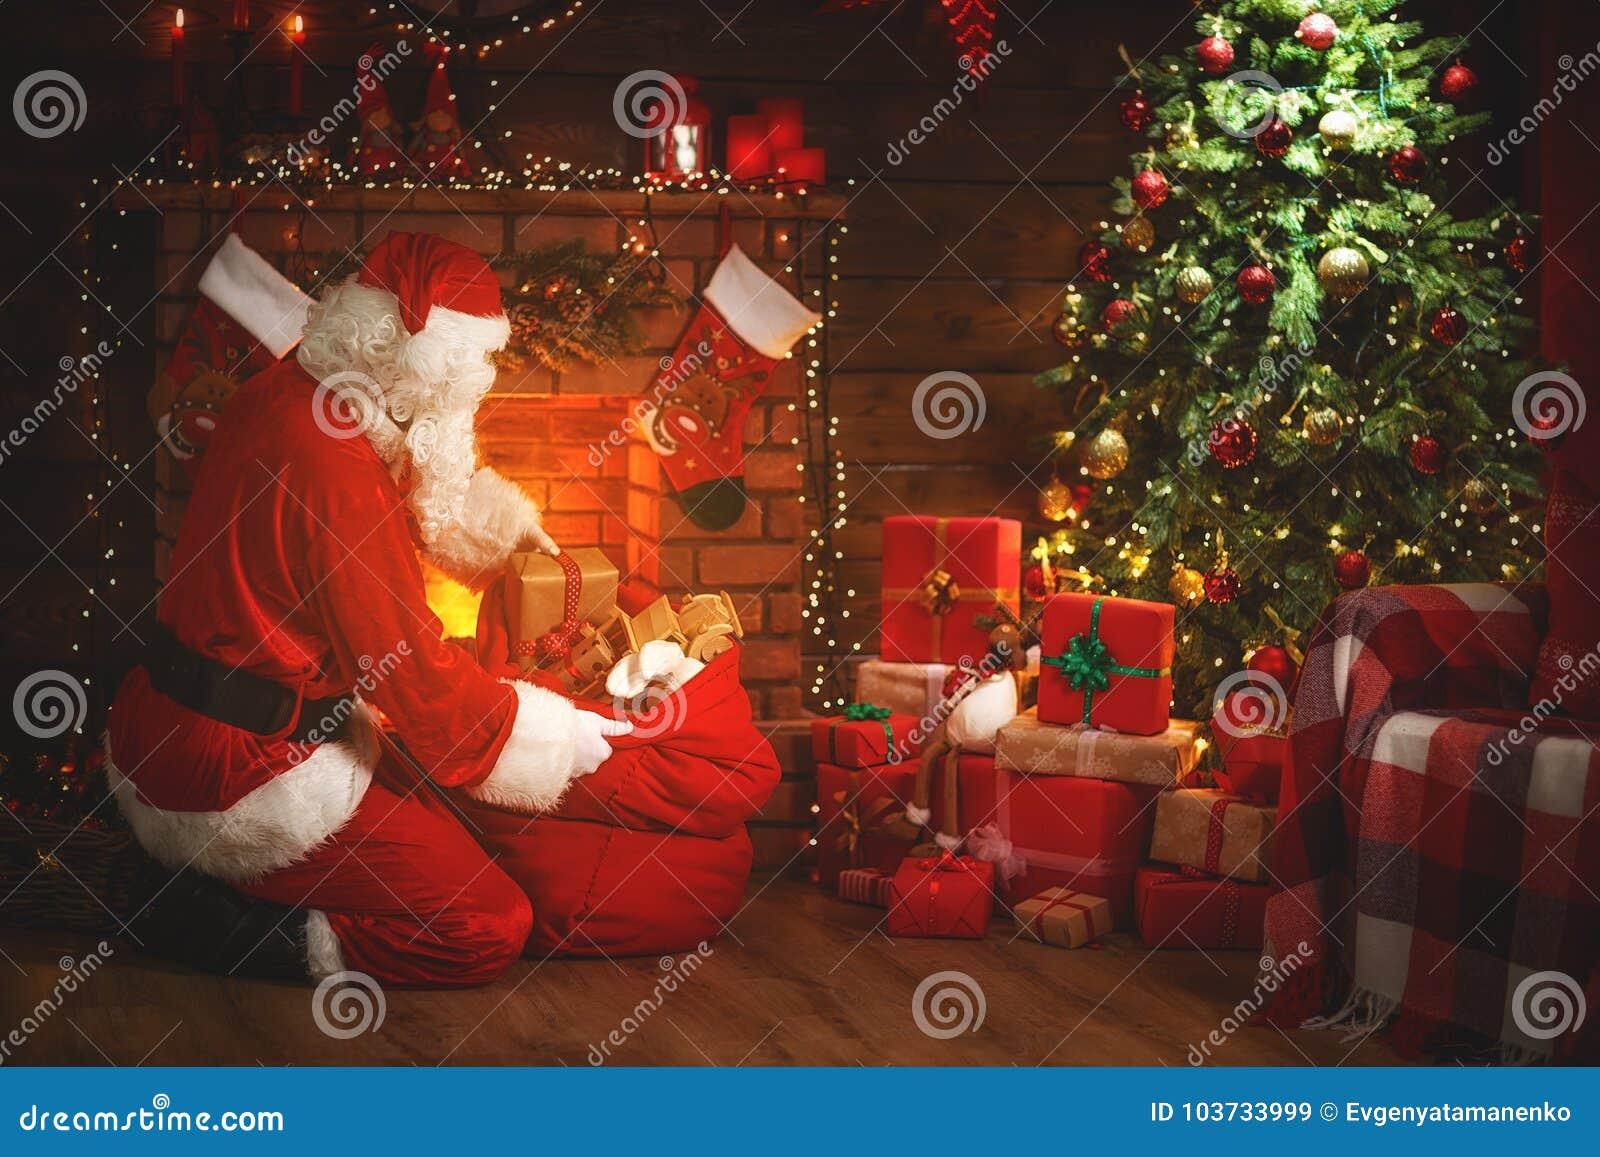 Glad jul! Santa Claus nära spisen och trädet med gi